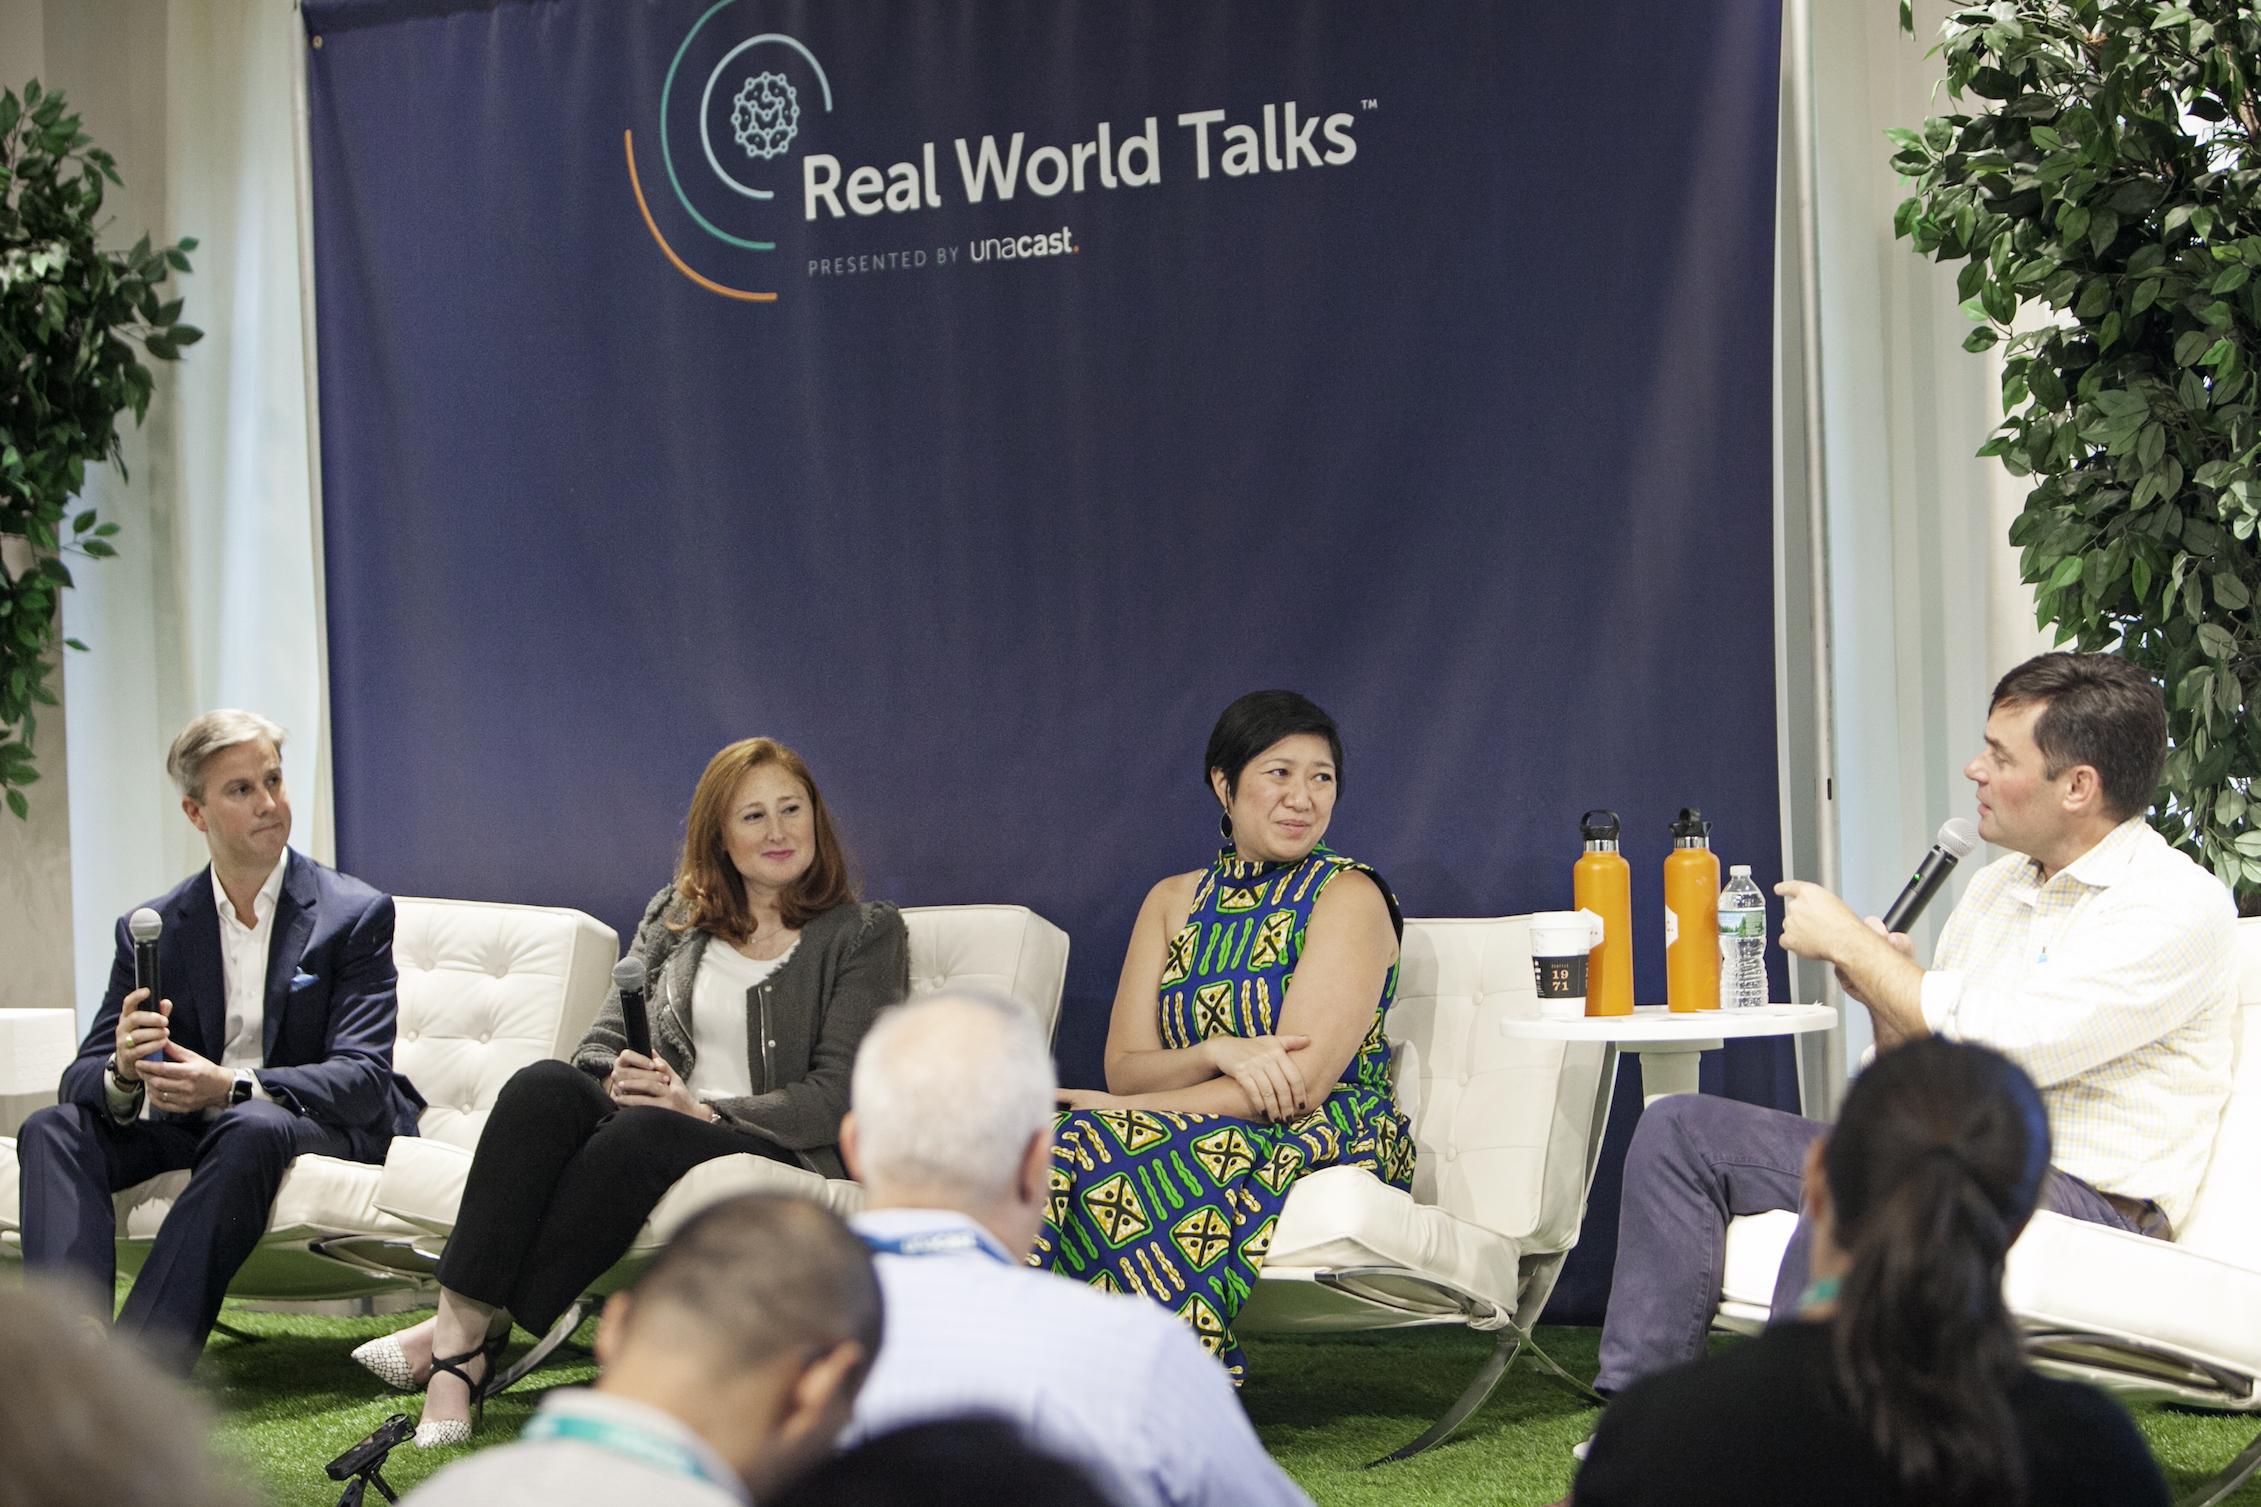 Real World Talks 2018 Highlights Video